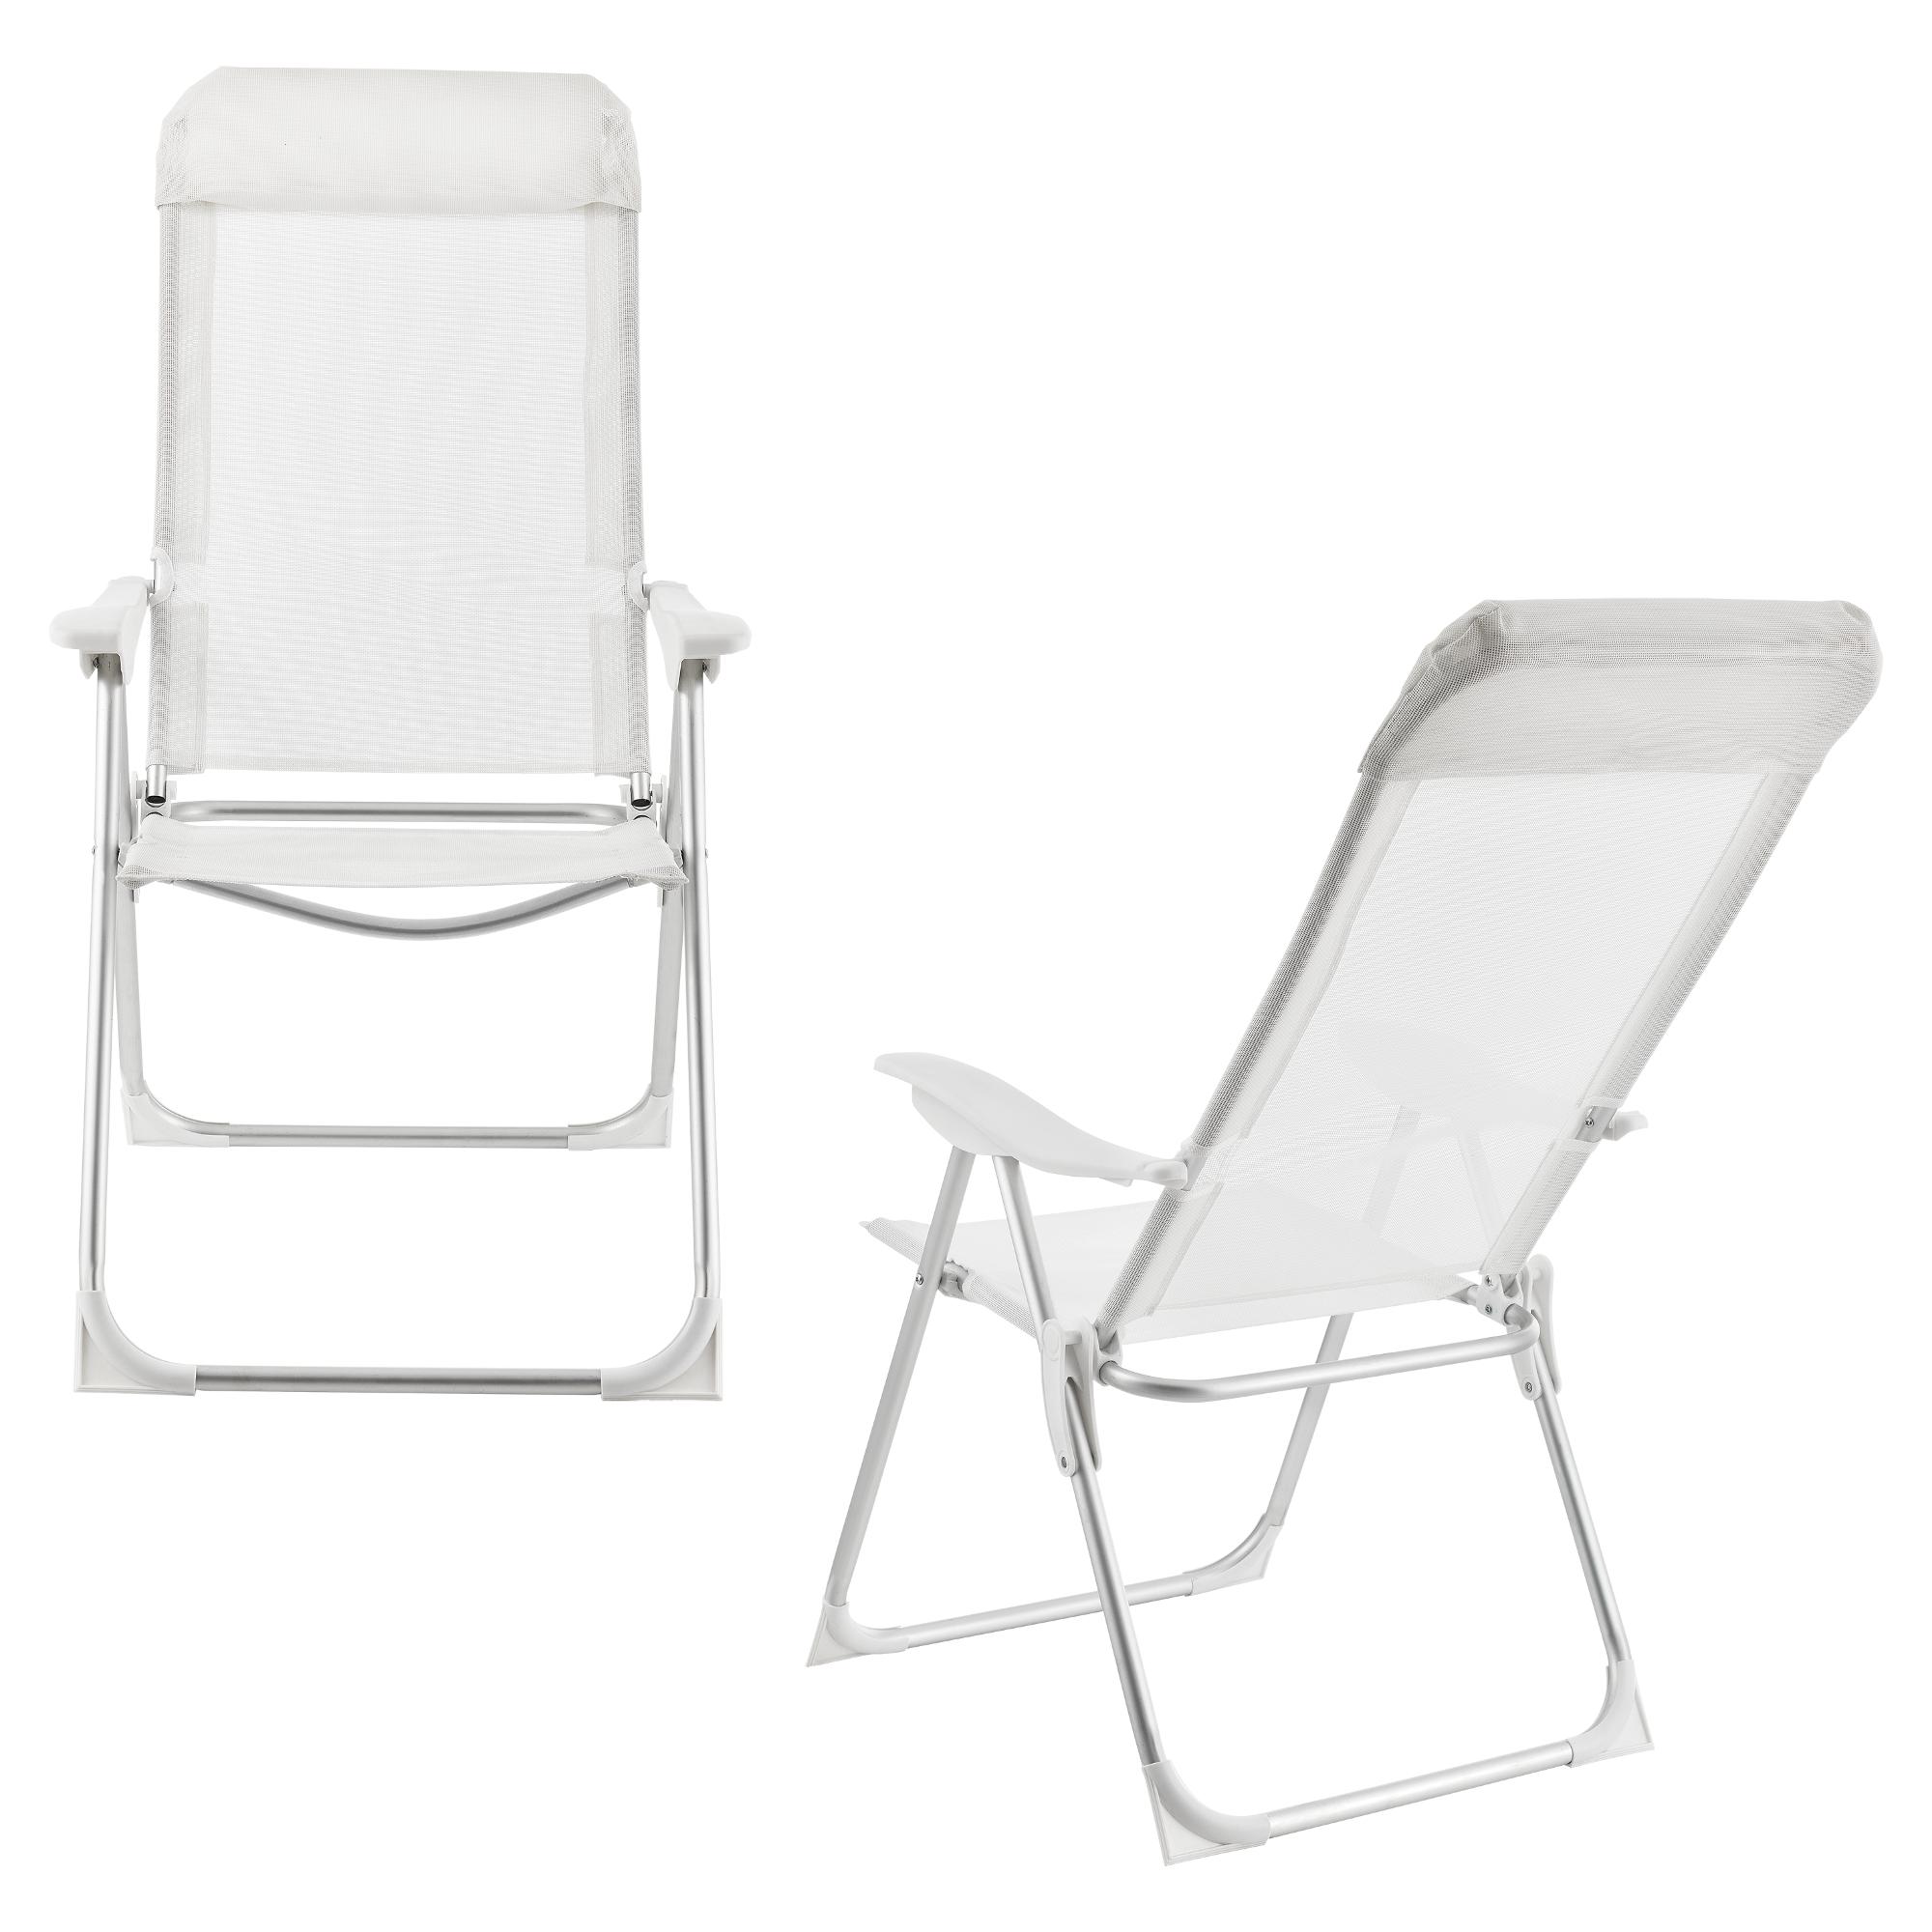 Détails sur [casa.pro]® 2x Alu Chaise du jardin camping pliable Aluminium chaise haute blanc